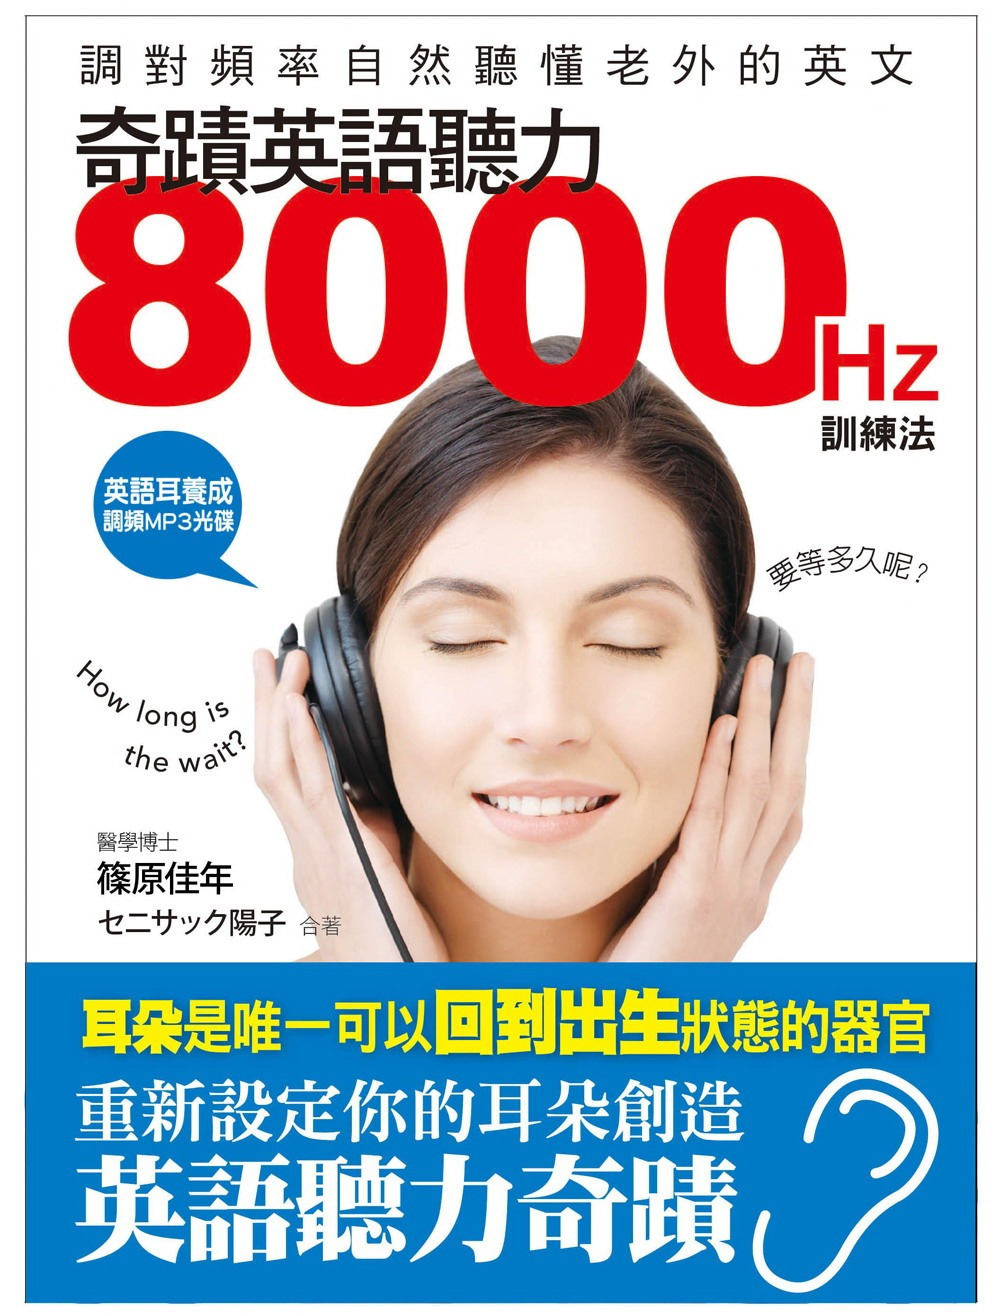 奇蹟英語聽力8000HZ訓練法:調對頻率,自然聽懂老外的英文(附英語耳養成 調頻MP3光碟)